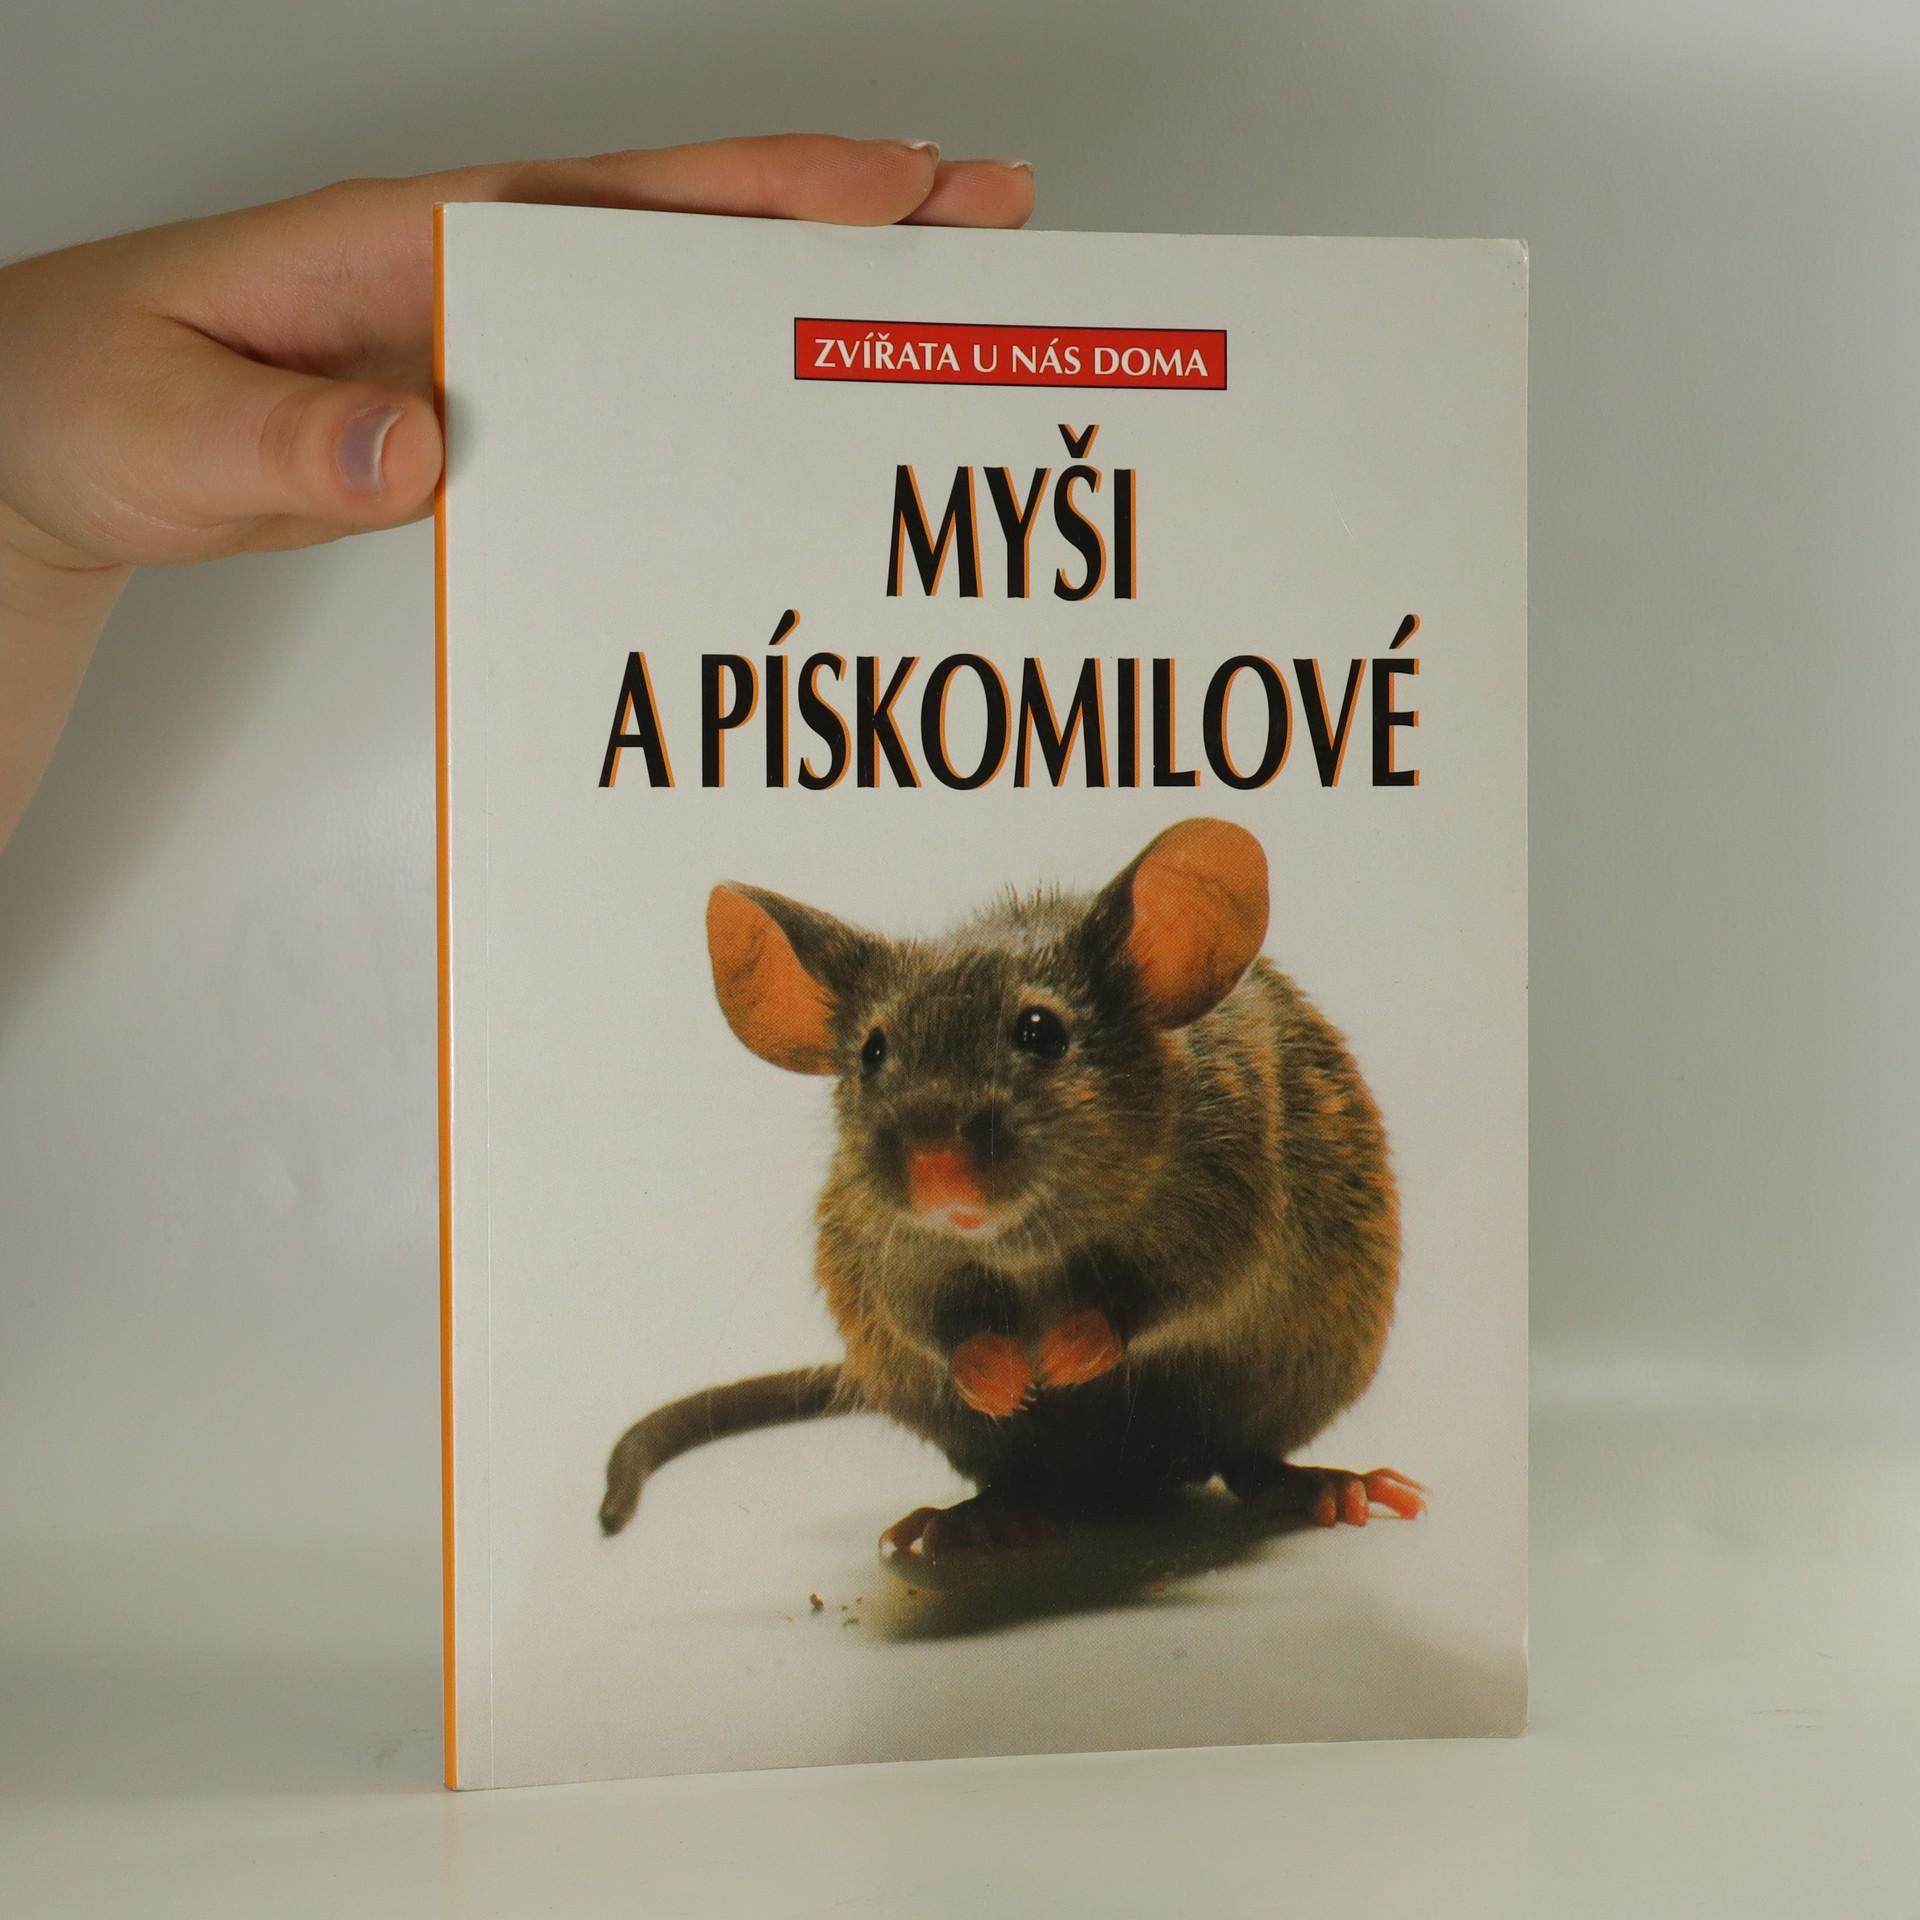 antikvární kniha Myši a pískomilové, 1999